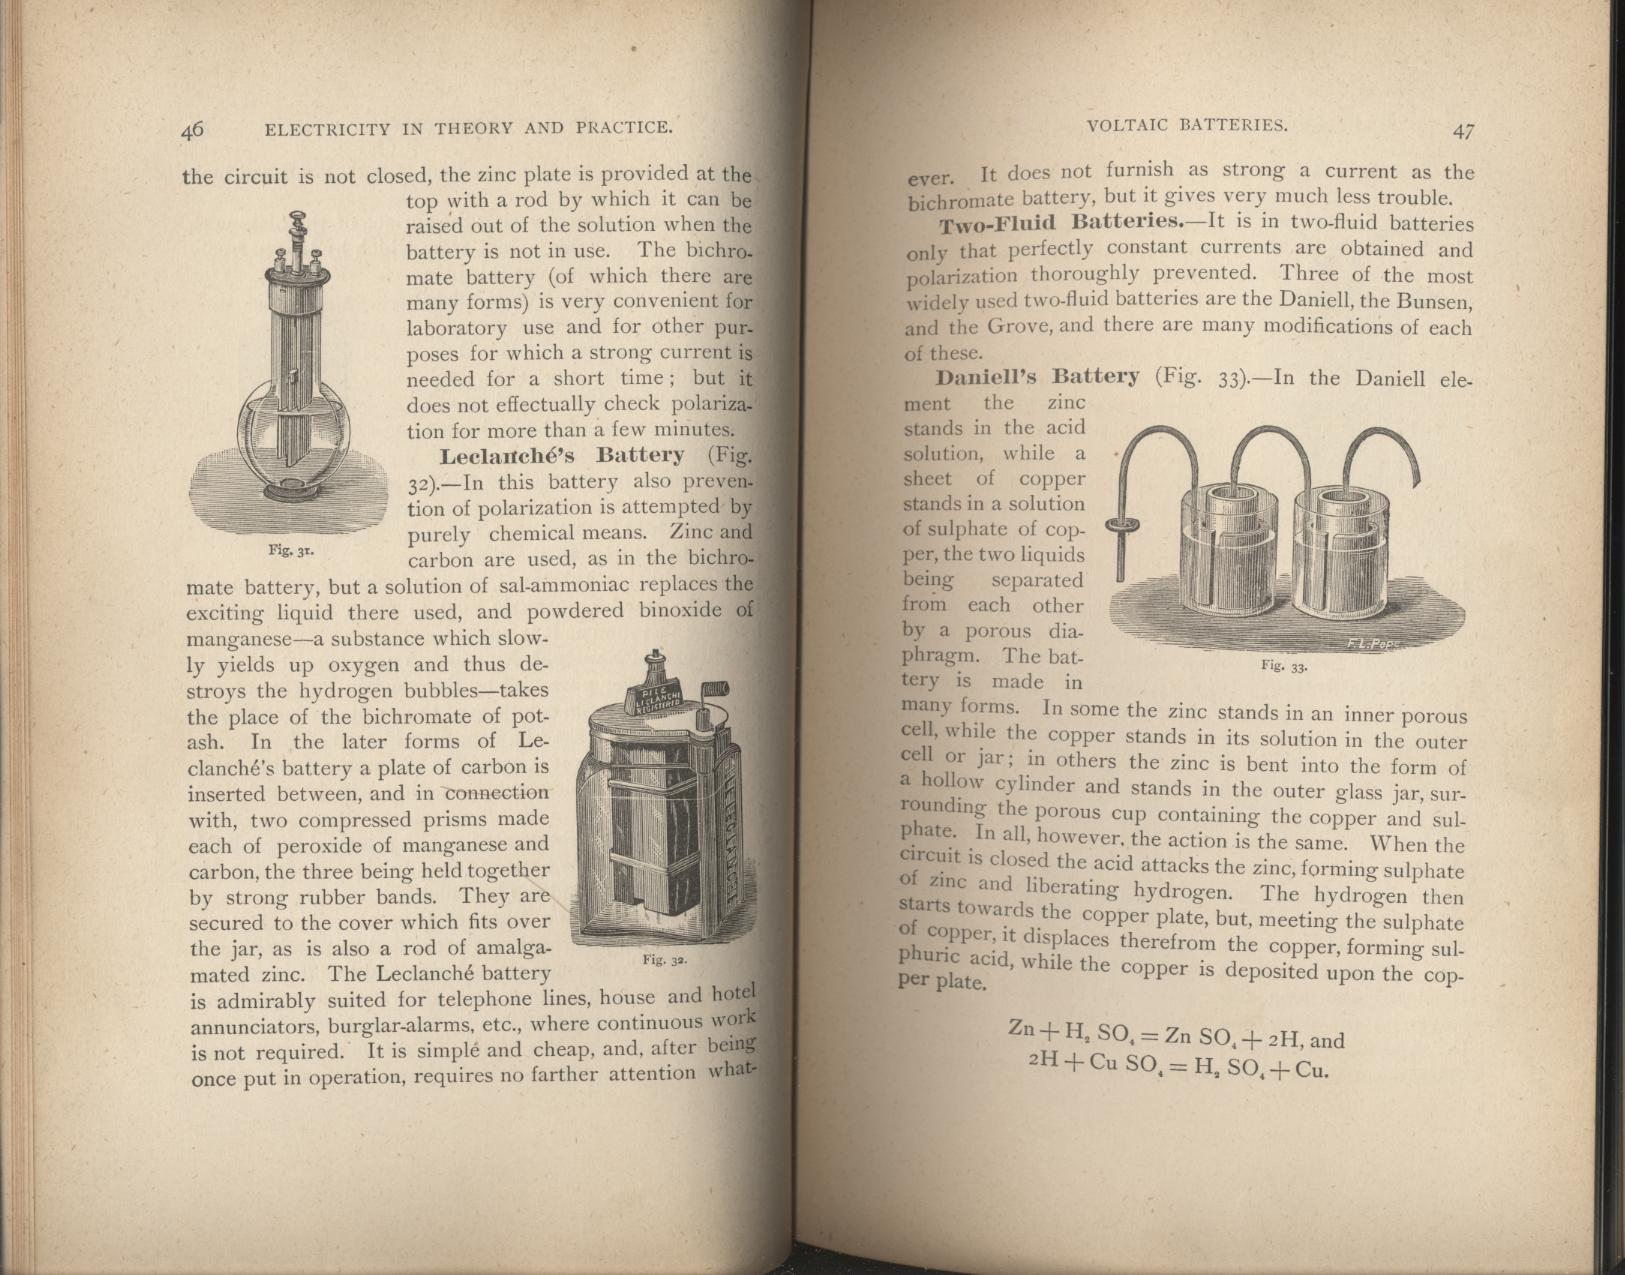 Electricidad en teoría y práctica (Bradley A. Fiske, 1884)